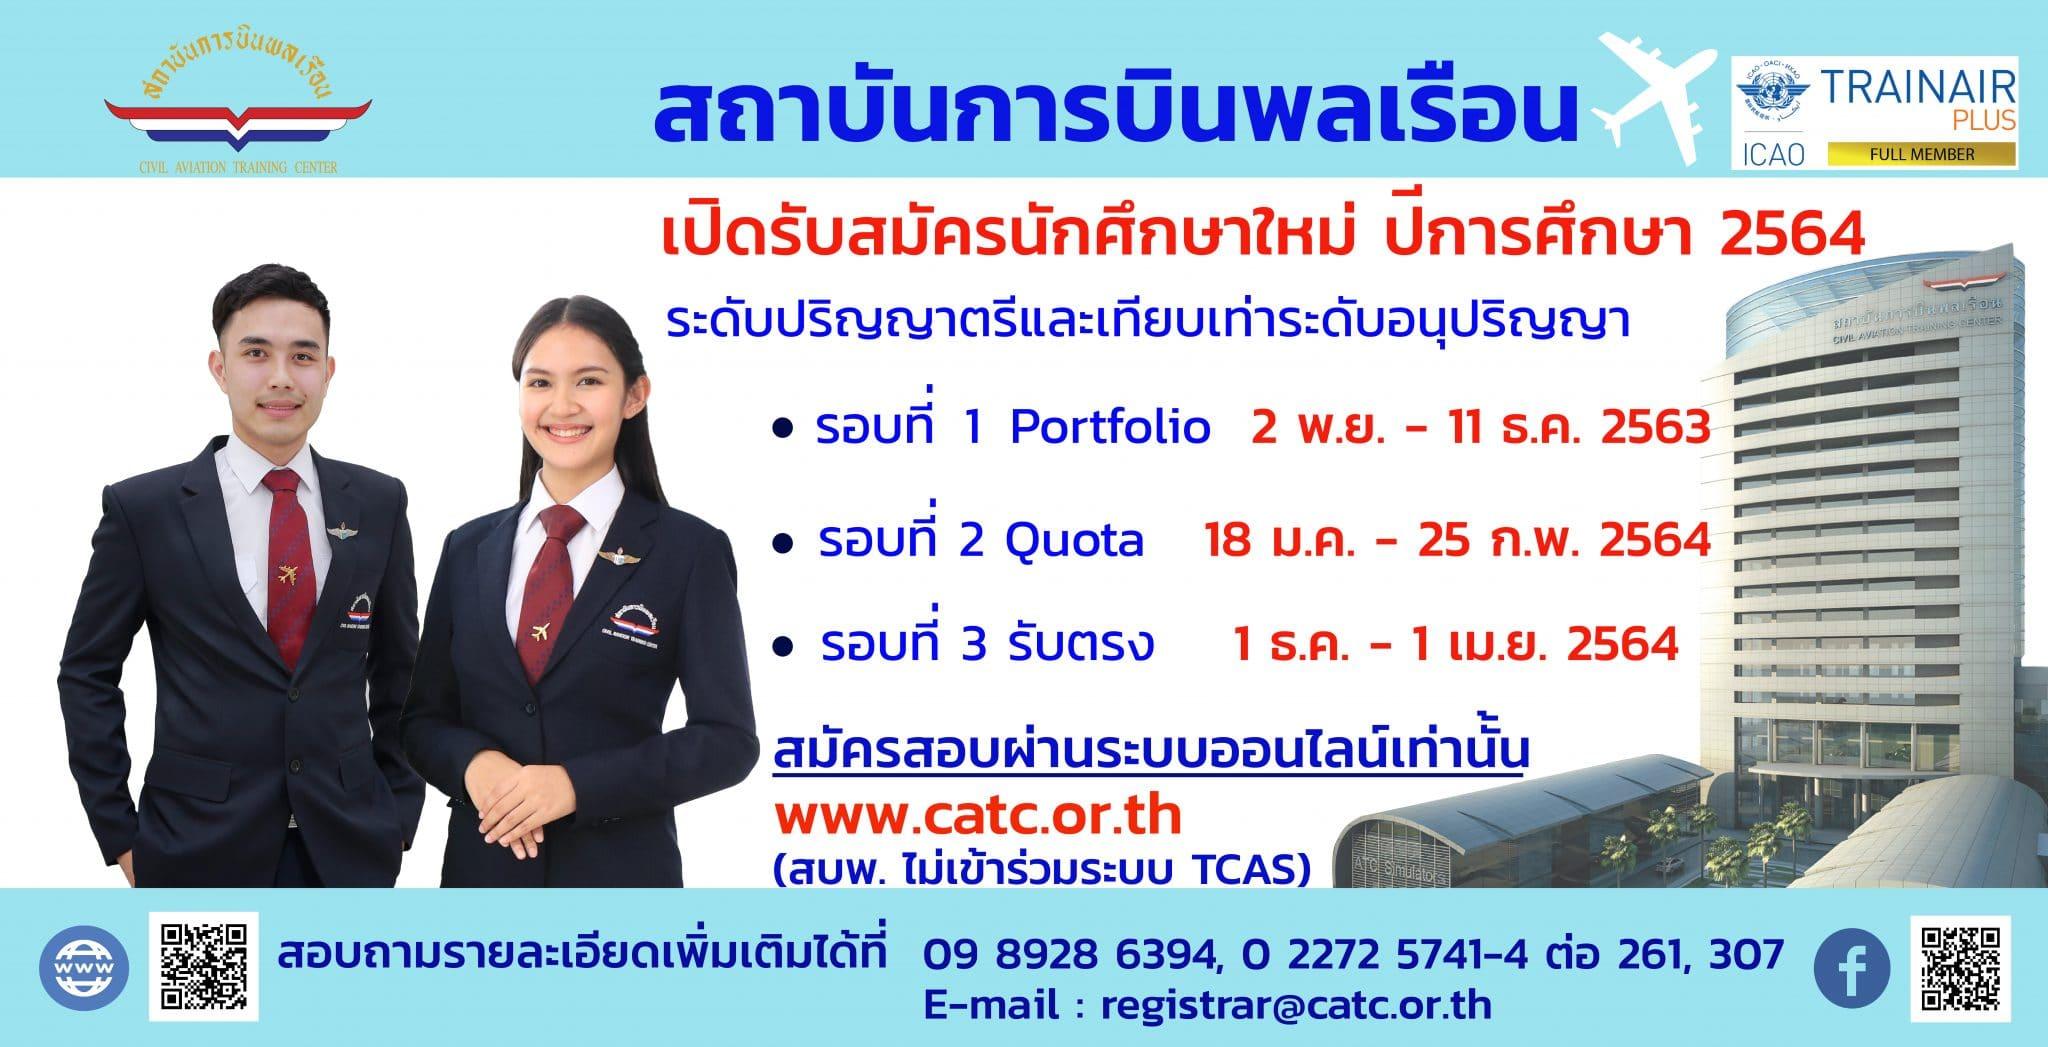 สถาบันการบินพลเรือนเปิดรับสมัครนักศึกษาใหม่ ประจำปีการศึกษา 2564